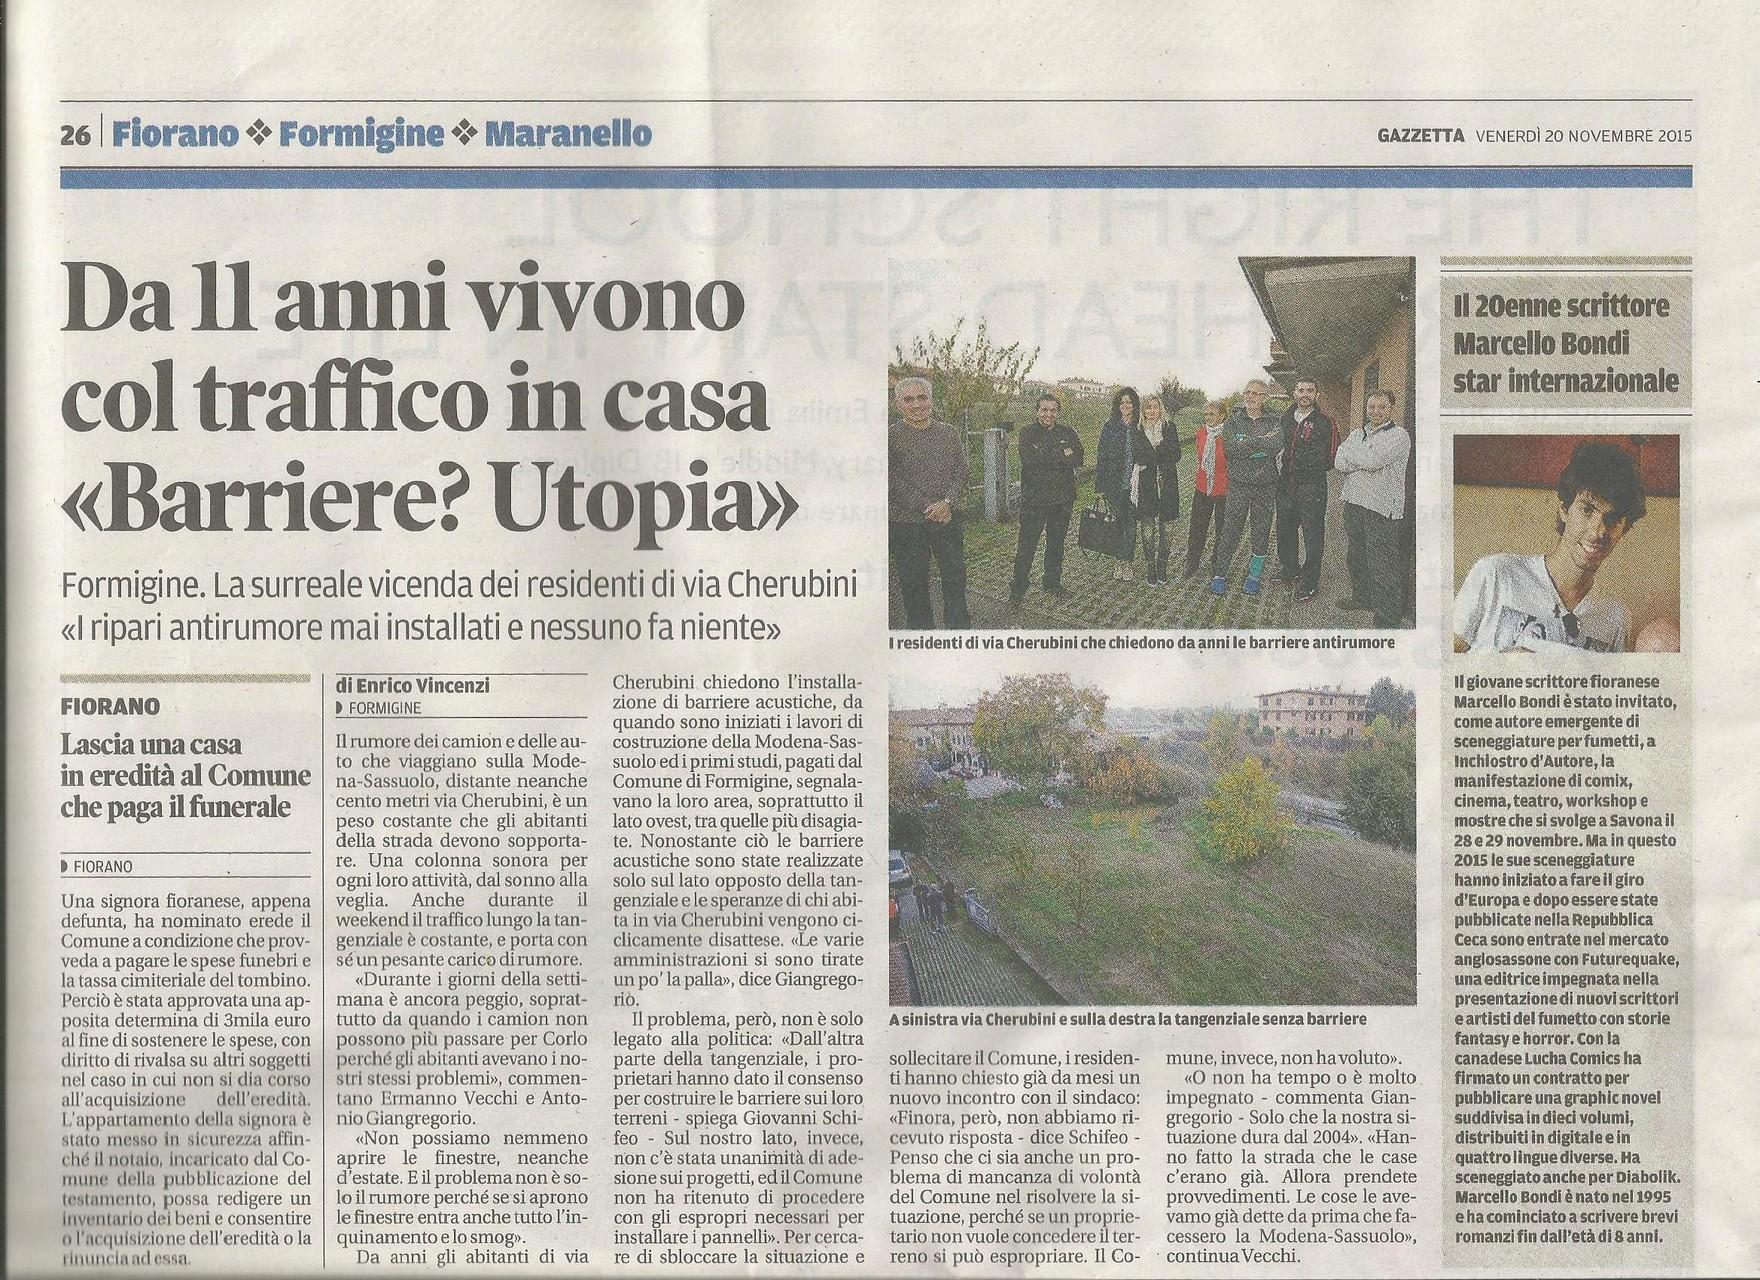 20 Novembre 2015 - Gazzetta Di Modena